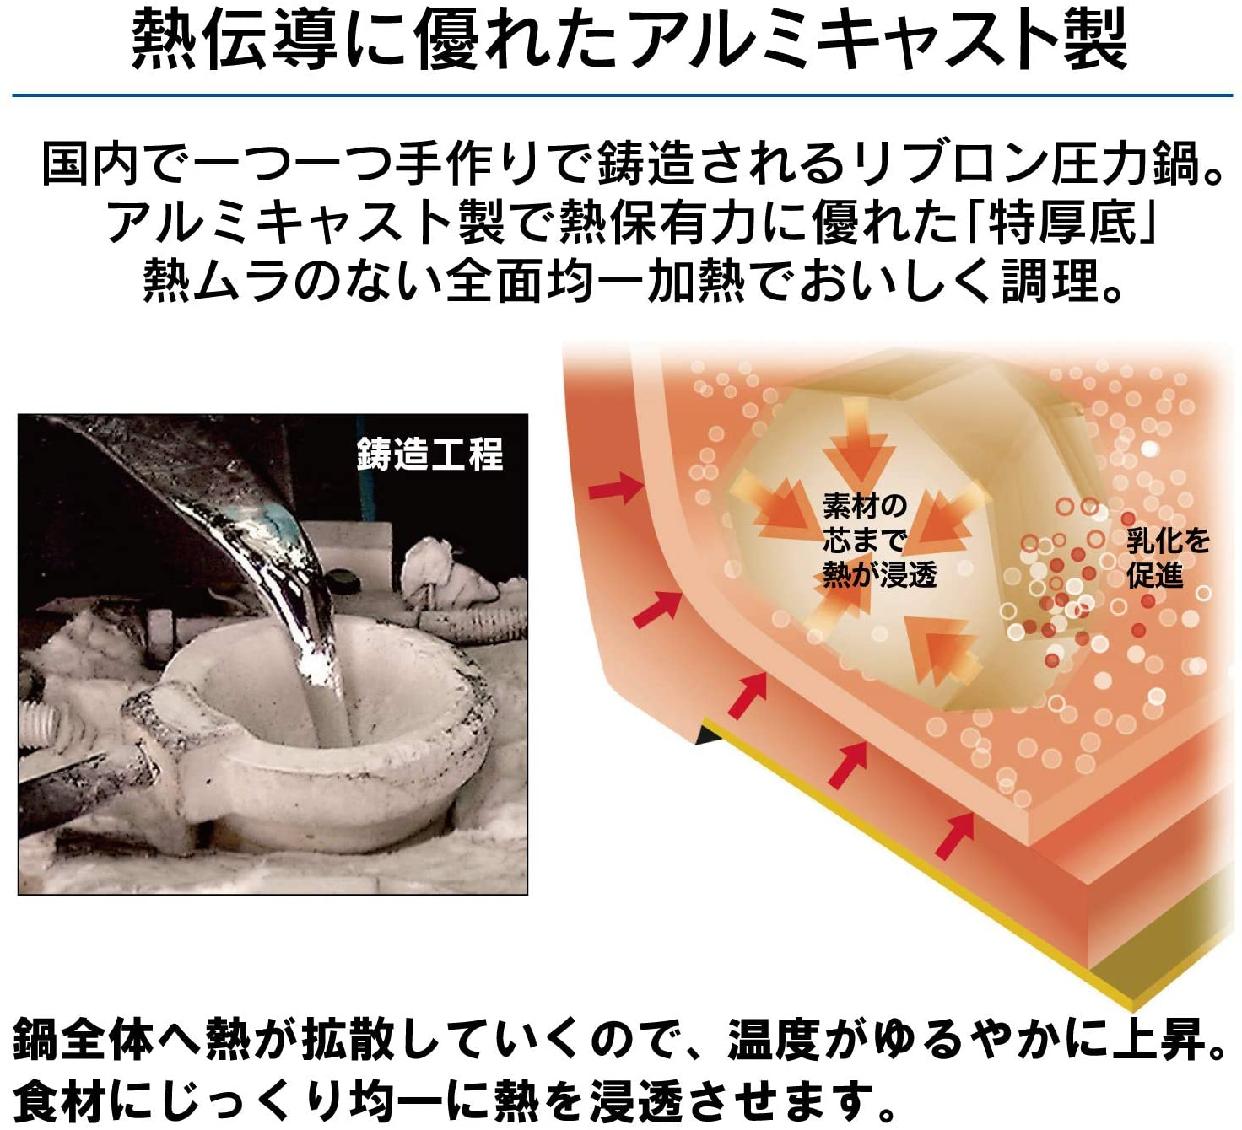 北陸アルミニウム(ホクリクアルミニウム) リブロン圧力鍋の商品画像2